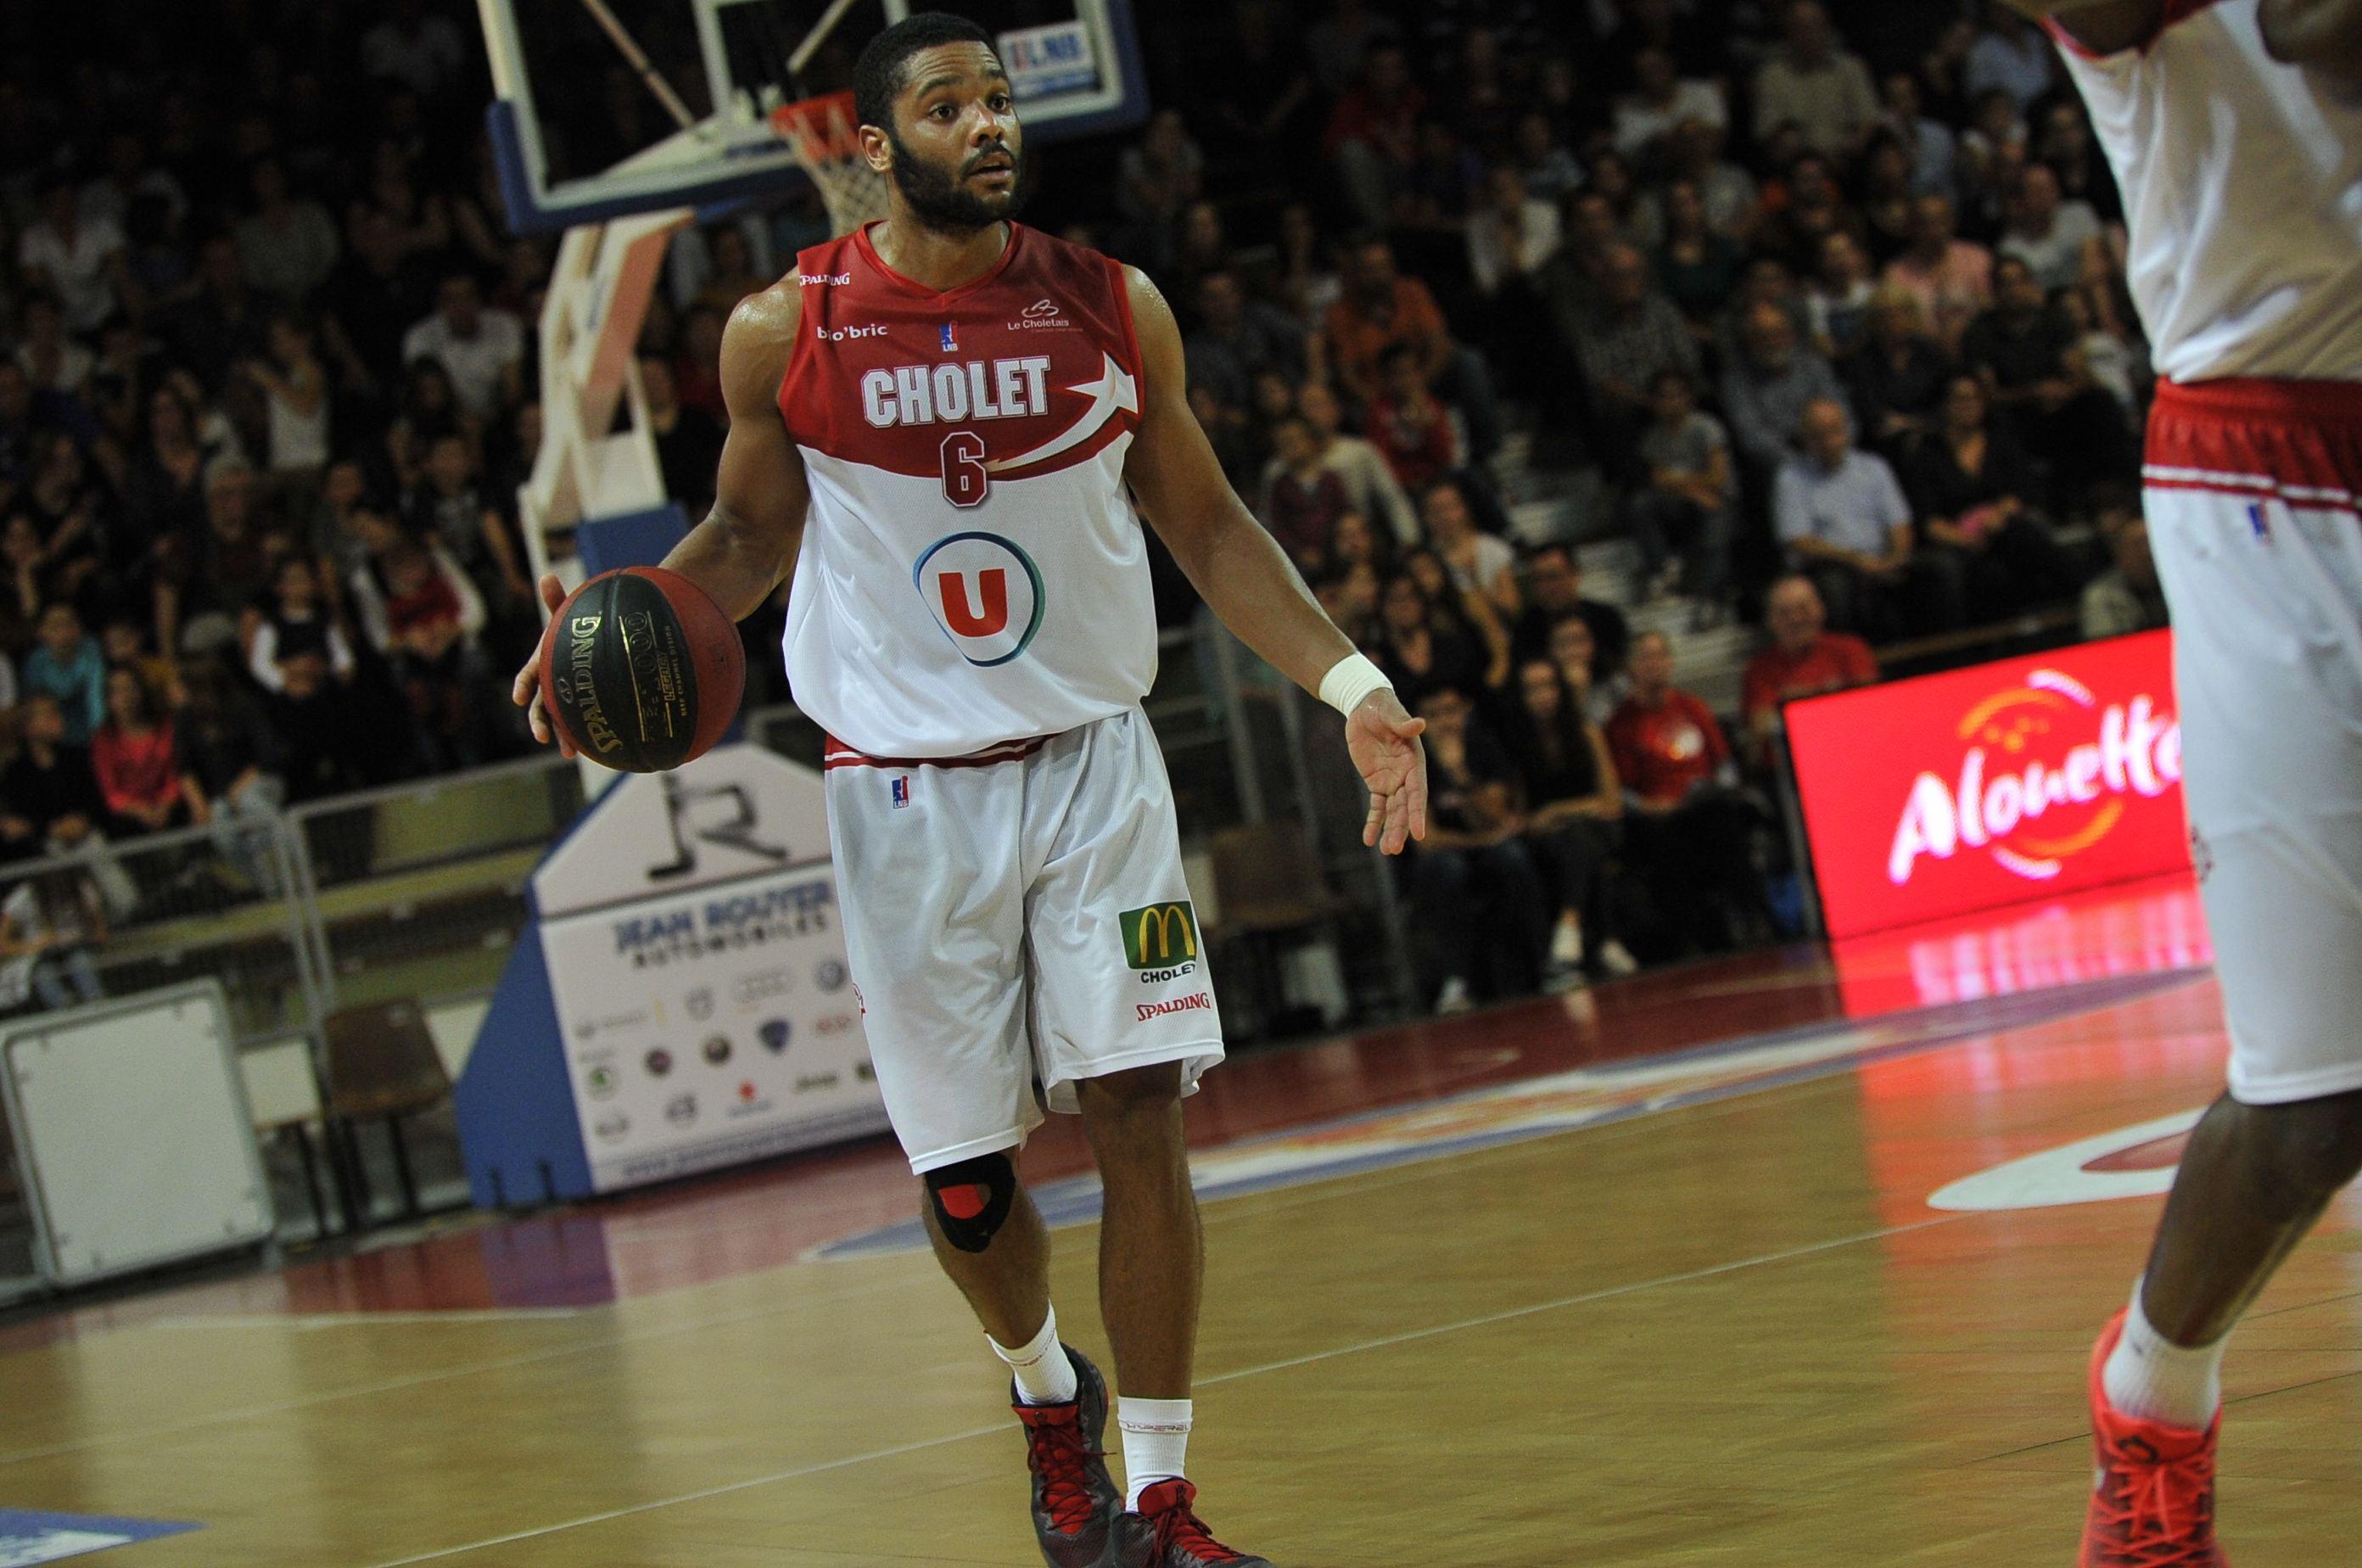 Jonathan ROUSSELLE